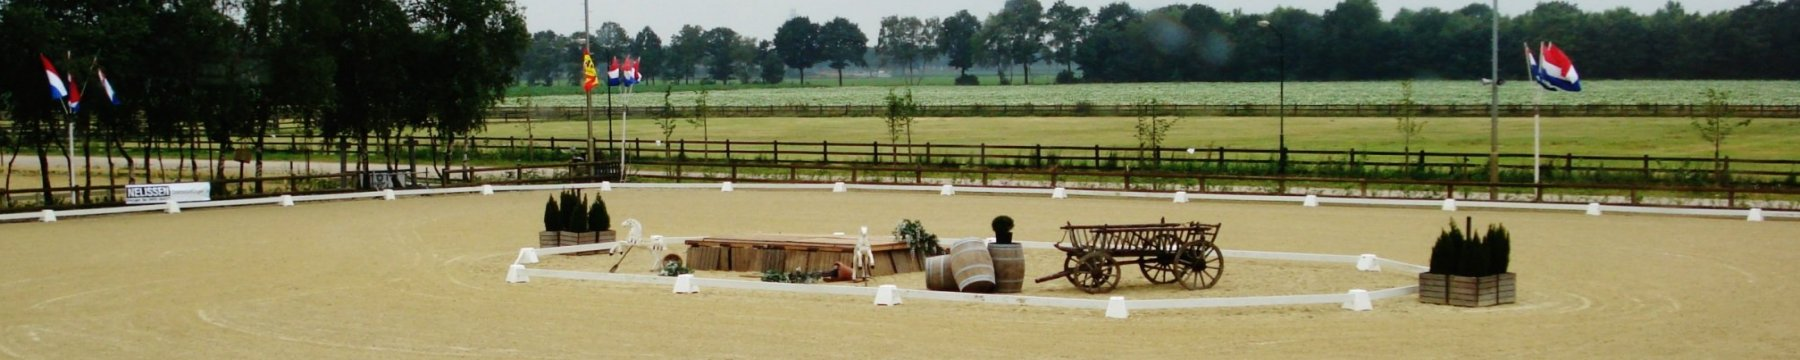 het-zwarte-water-dressuurring-gangenpaarden-1800x360